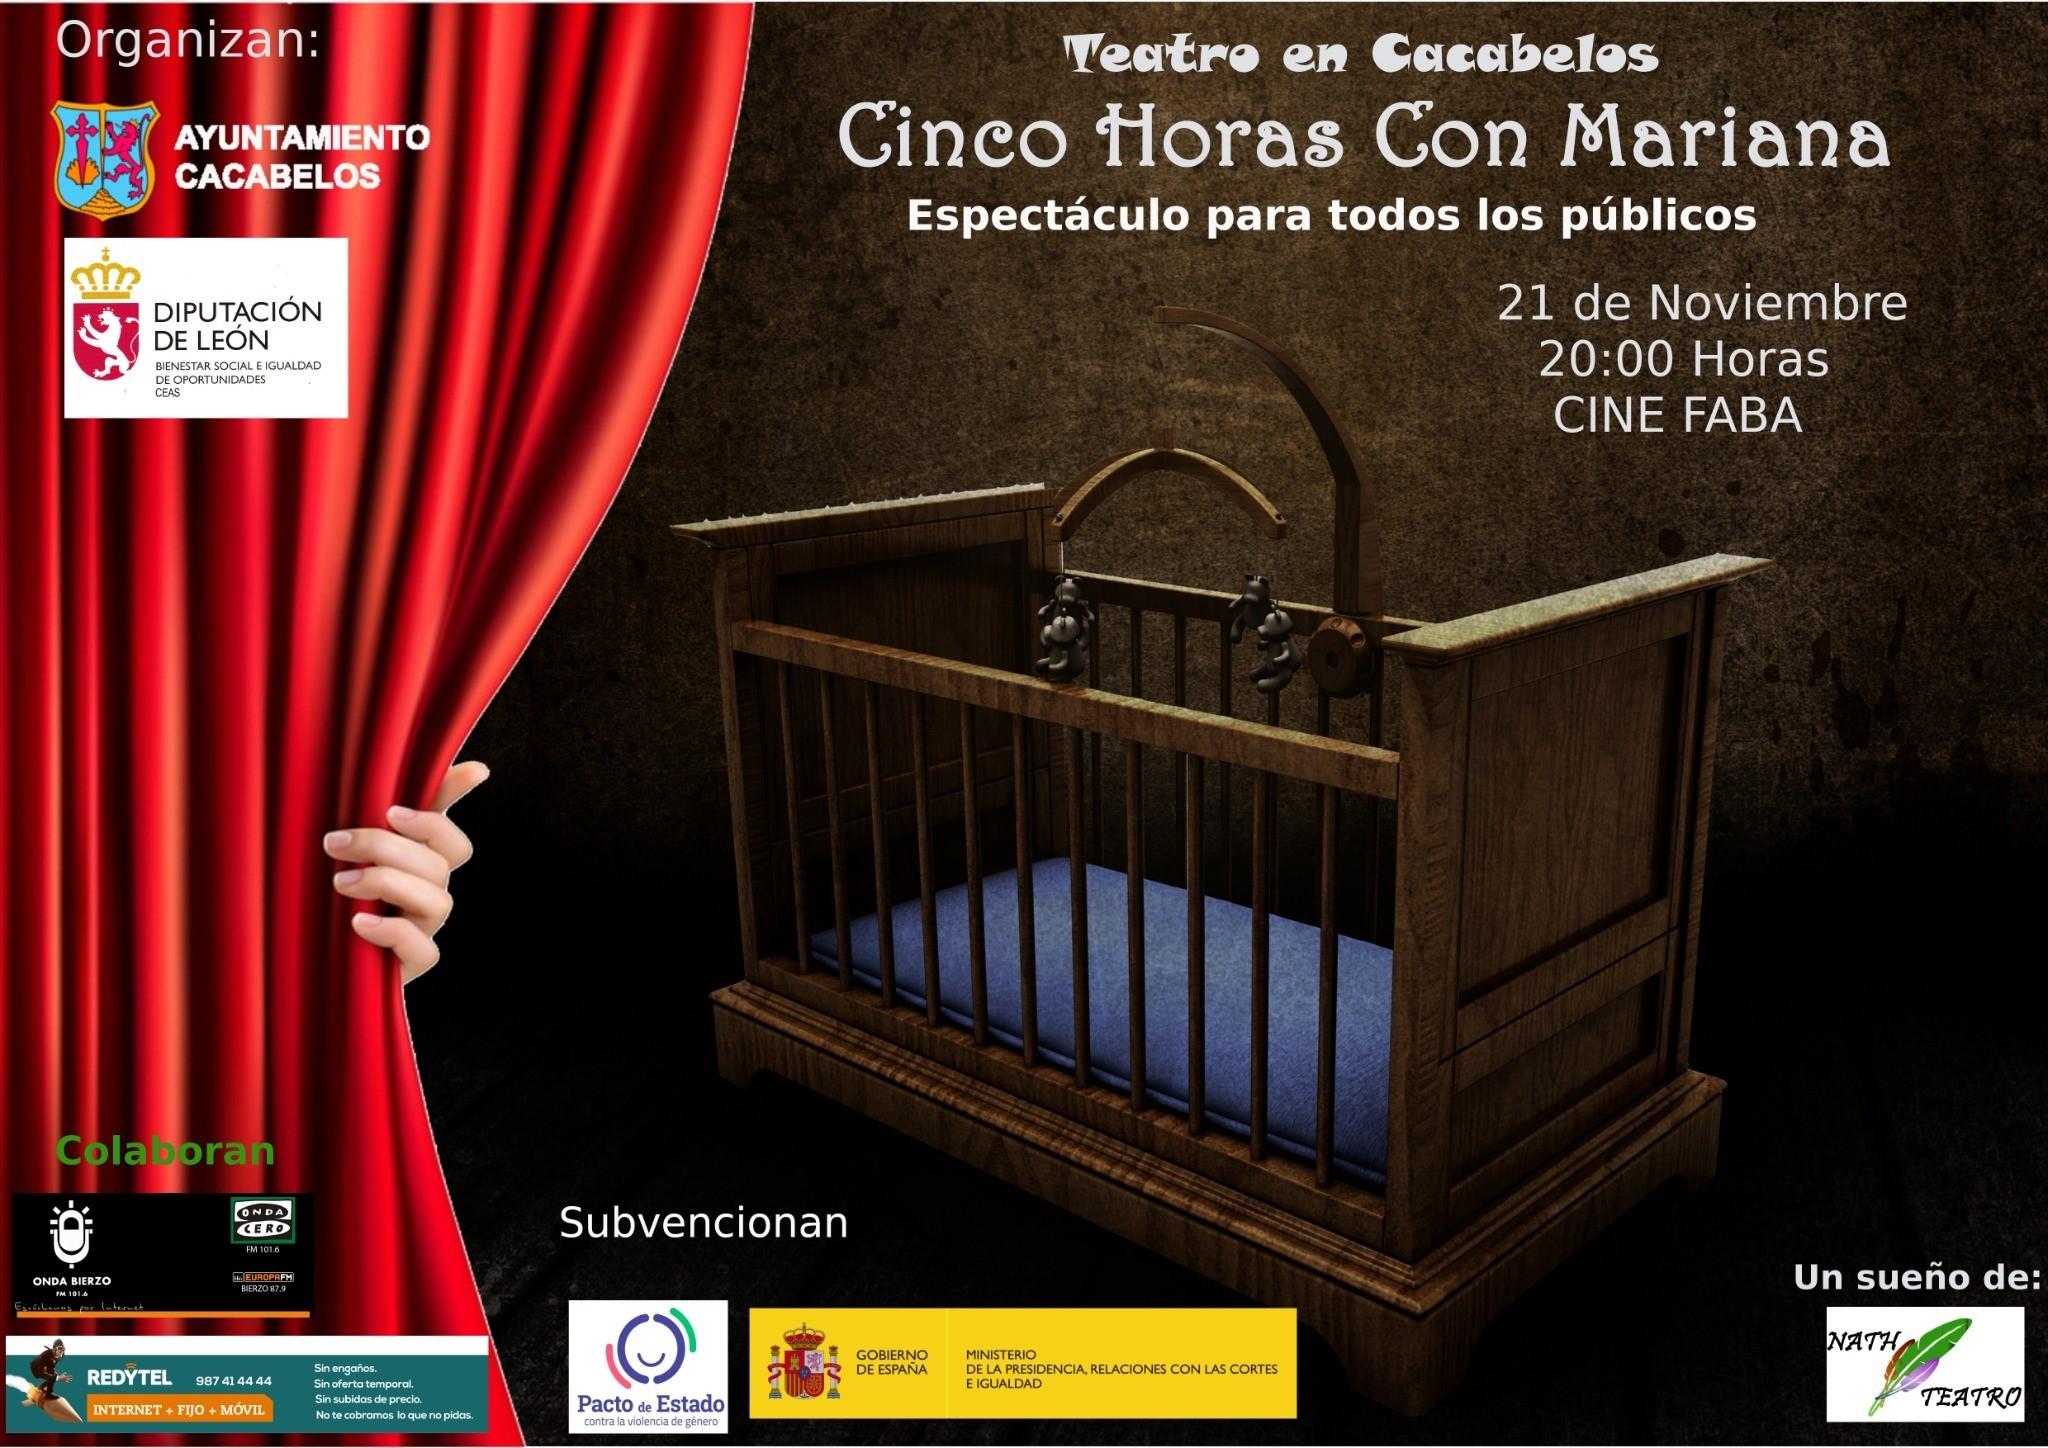 Cacabelos estrena la obra del berciano Andrés Campelo 'Cinco Horas con Mariana' el jueves 21 de noviembre 2